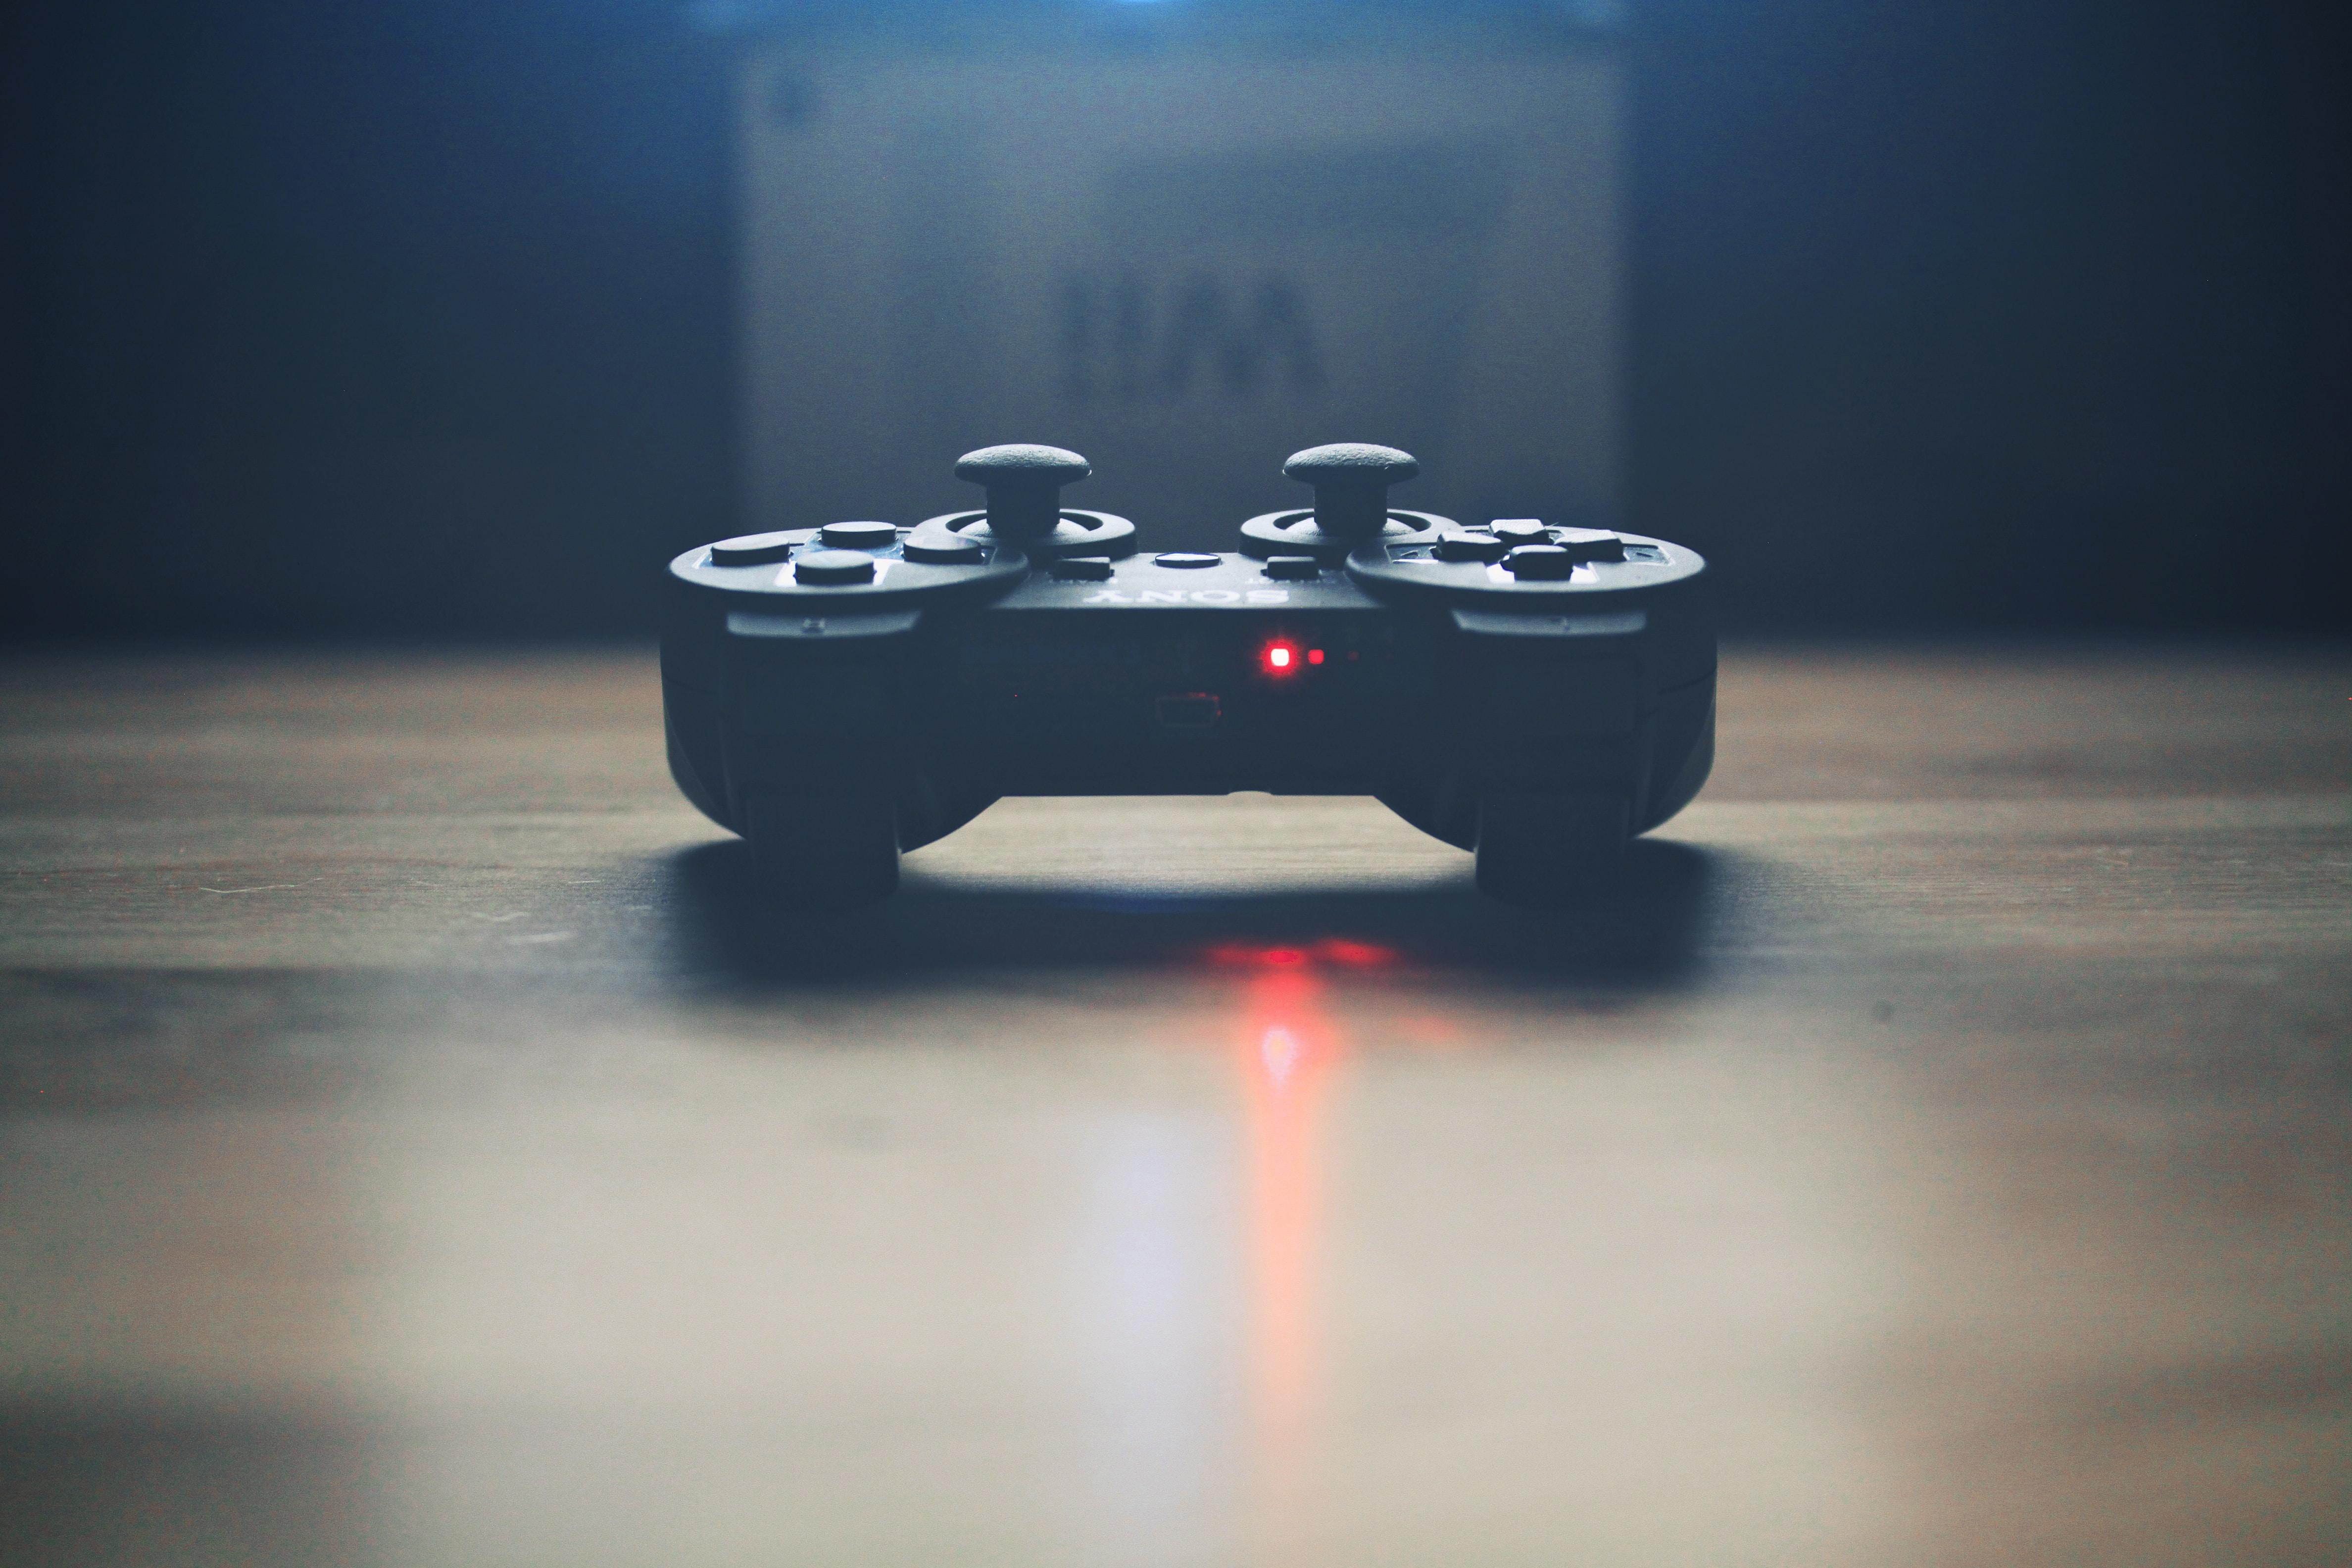 Trafic de cocaïne sur PlayStation: Sony sommé de fournir toutes les données d'un joueur au FBI